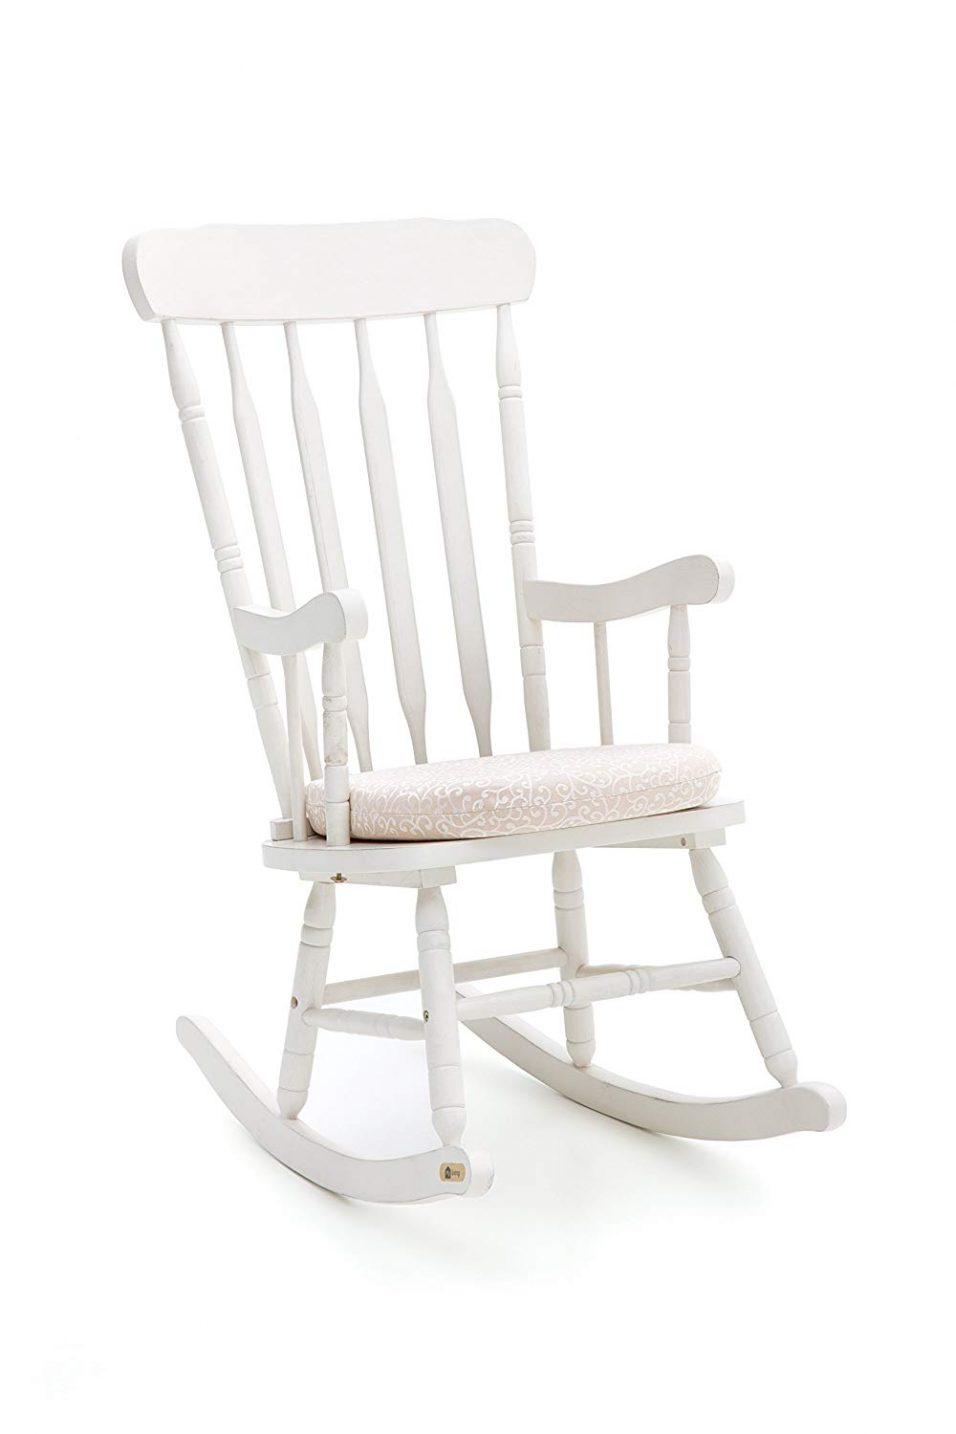 Migliori sedie a dondolo per adulti